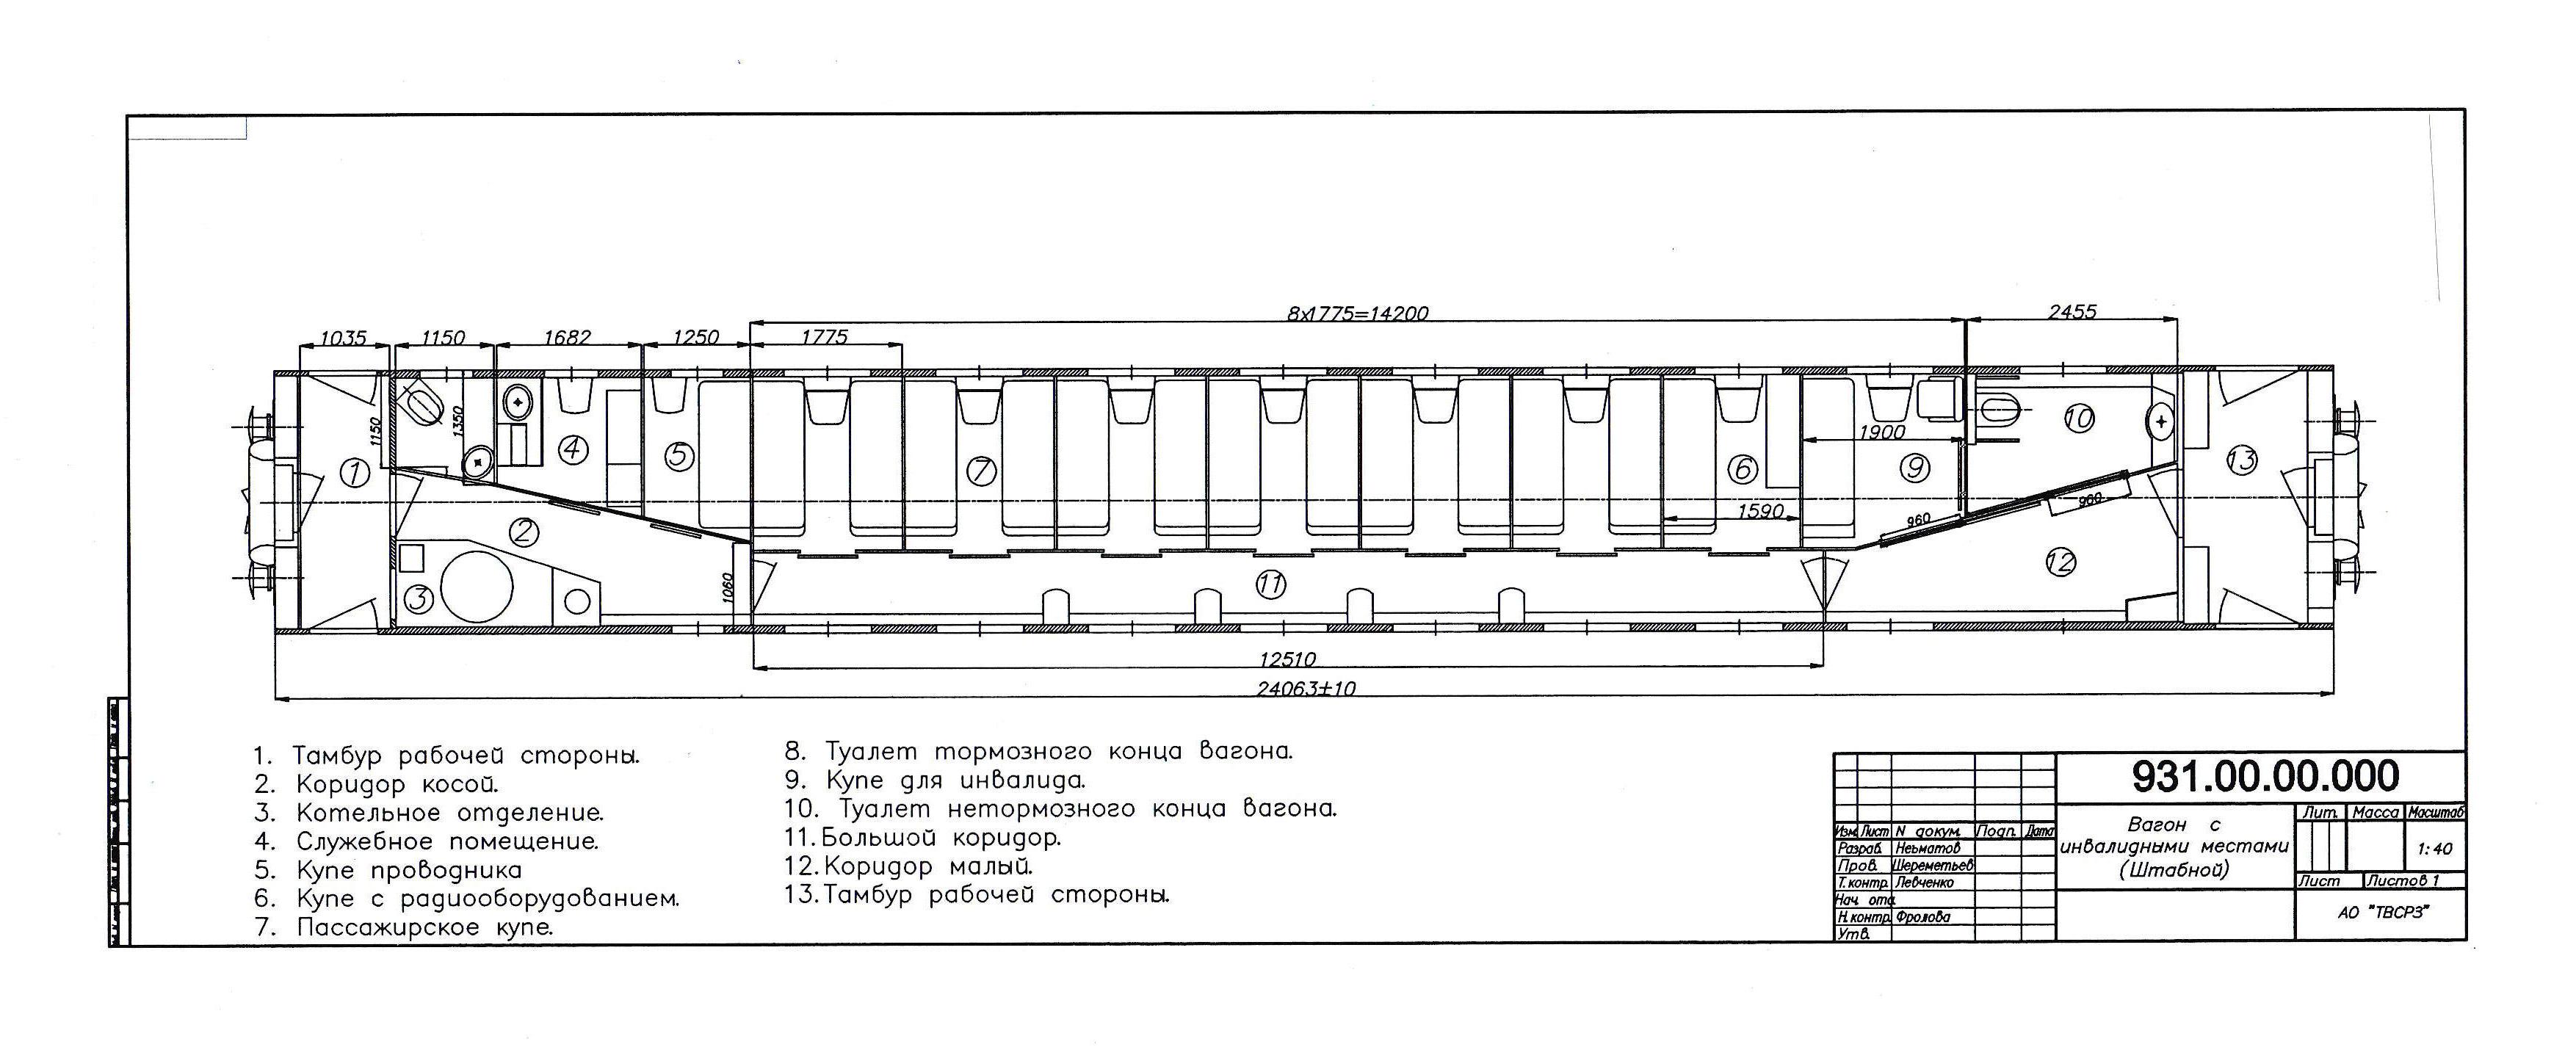 планировка вагона штабной 61-931